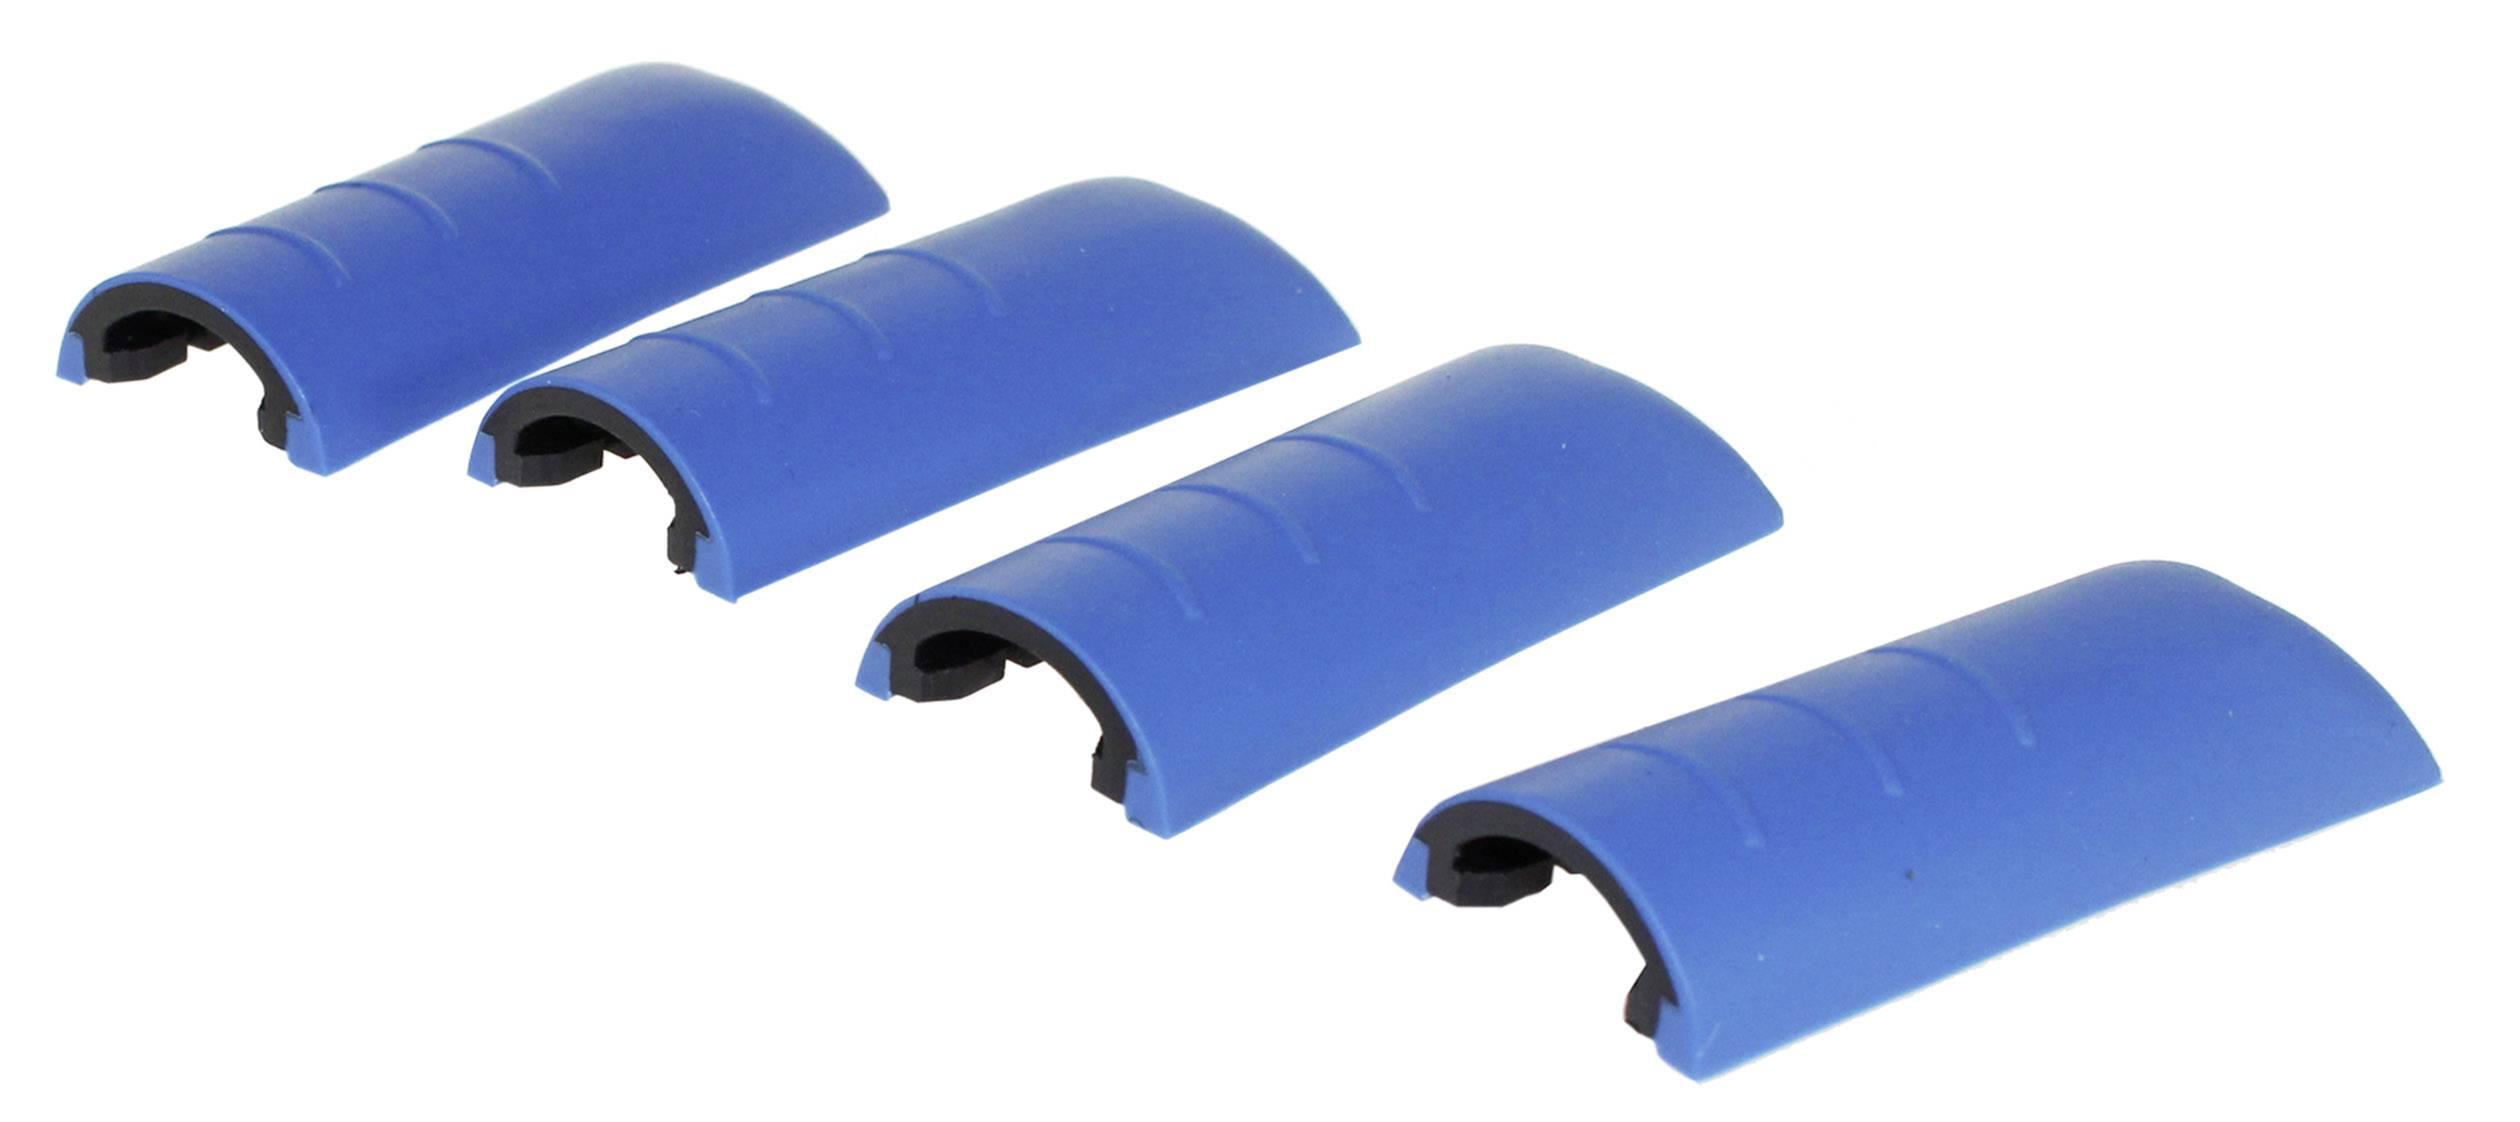 Chrániče rohov skrine Axxatronic CHH66C1BL, umelá hmota, modrá, 4 ks